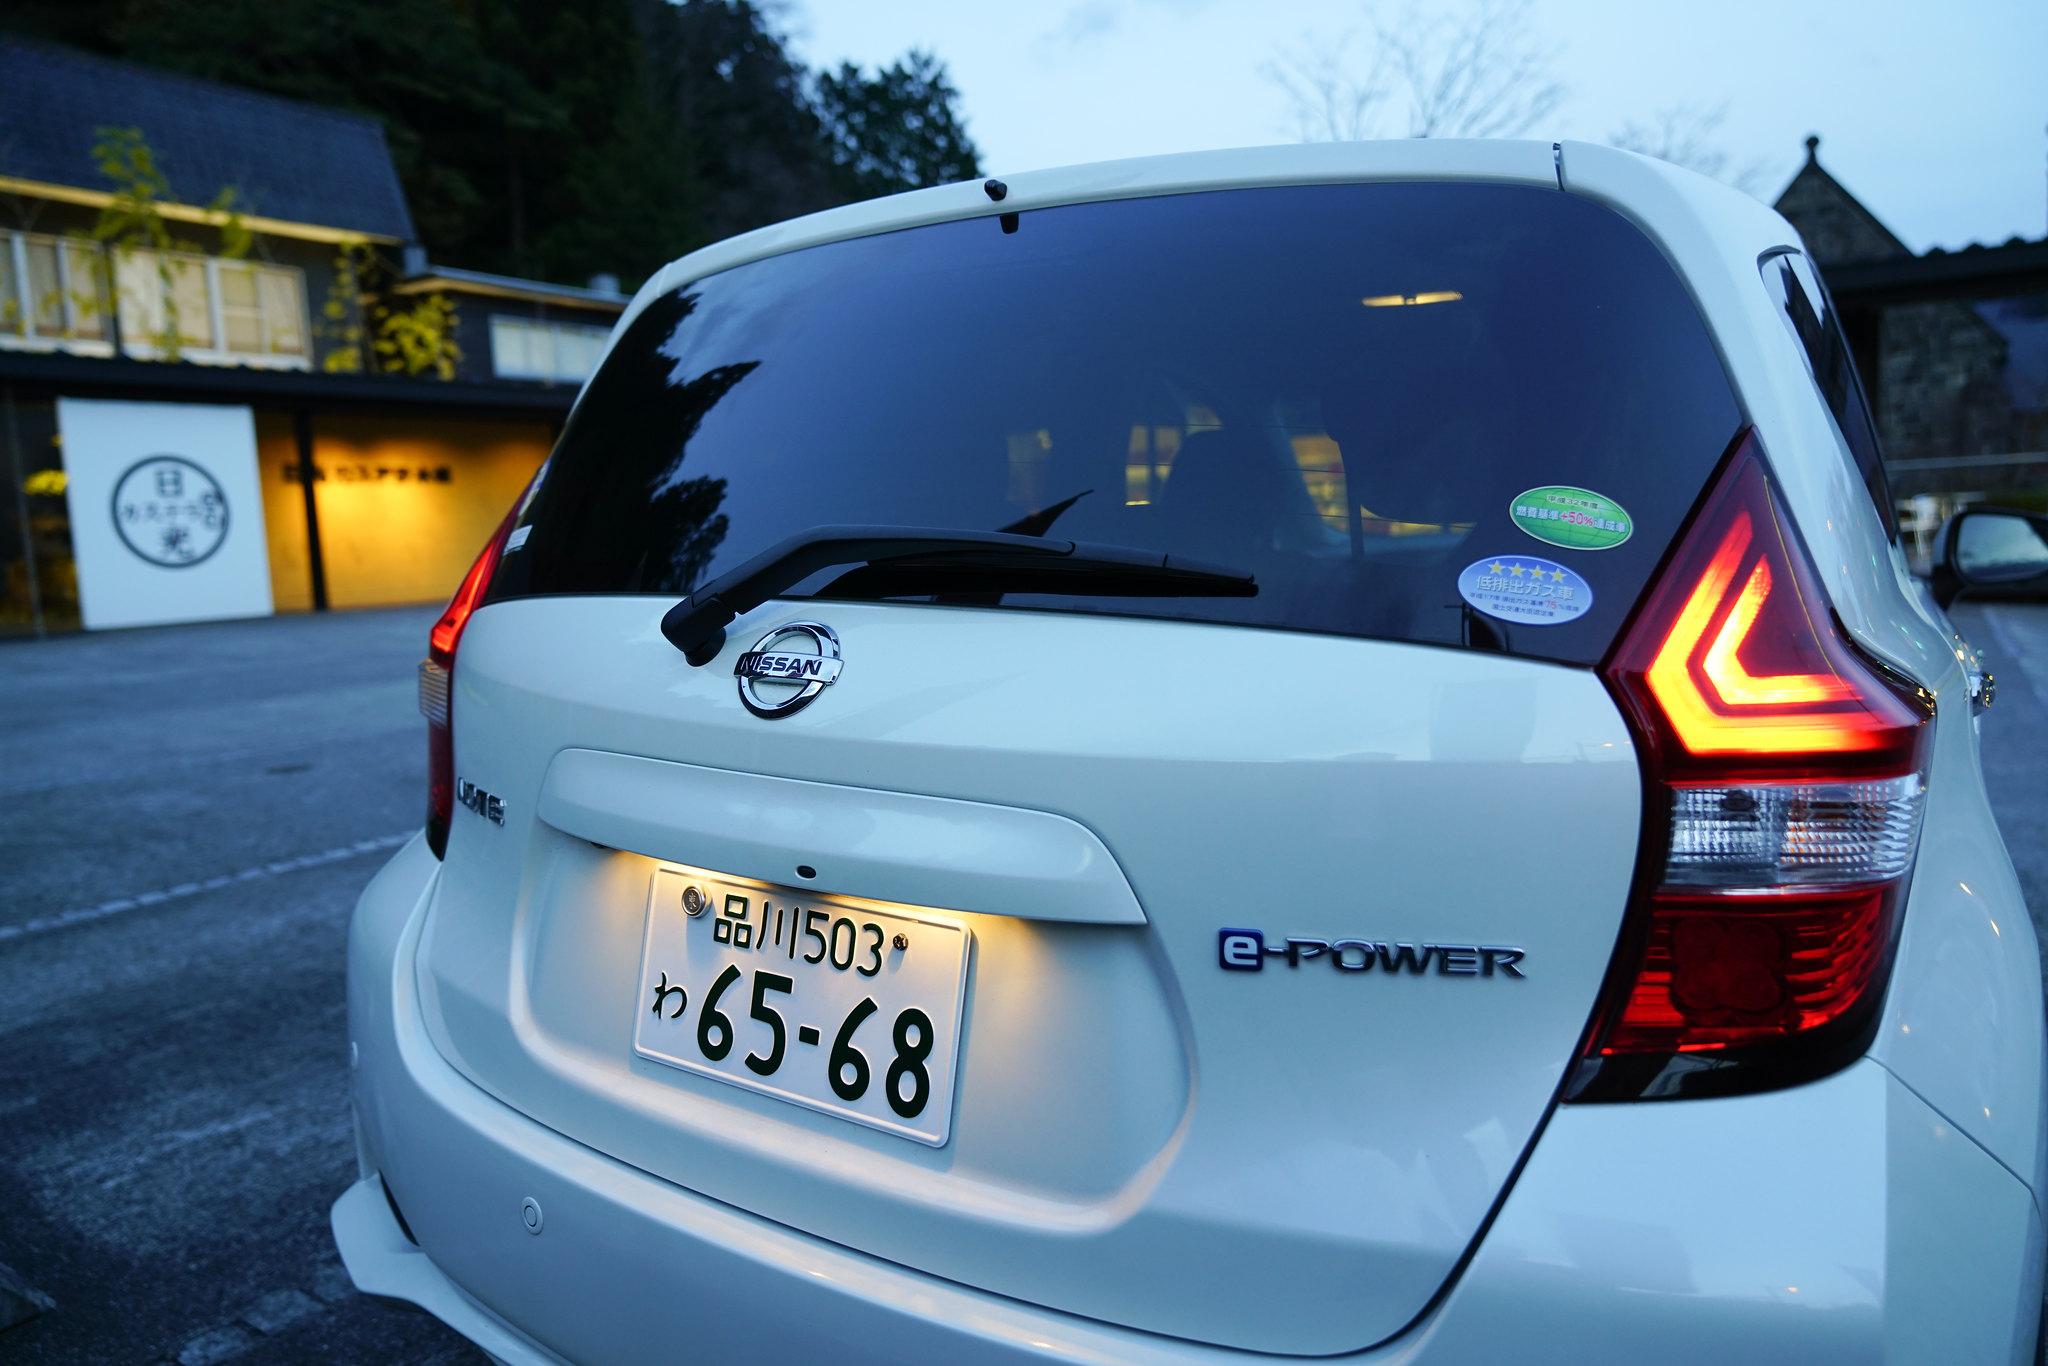 日本限定 加汽油的電動車 Nissan Note e-Power - Nissan - 汽車討論區 - Mobile01